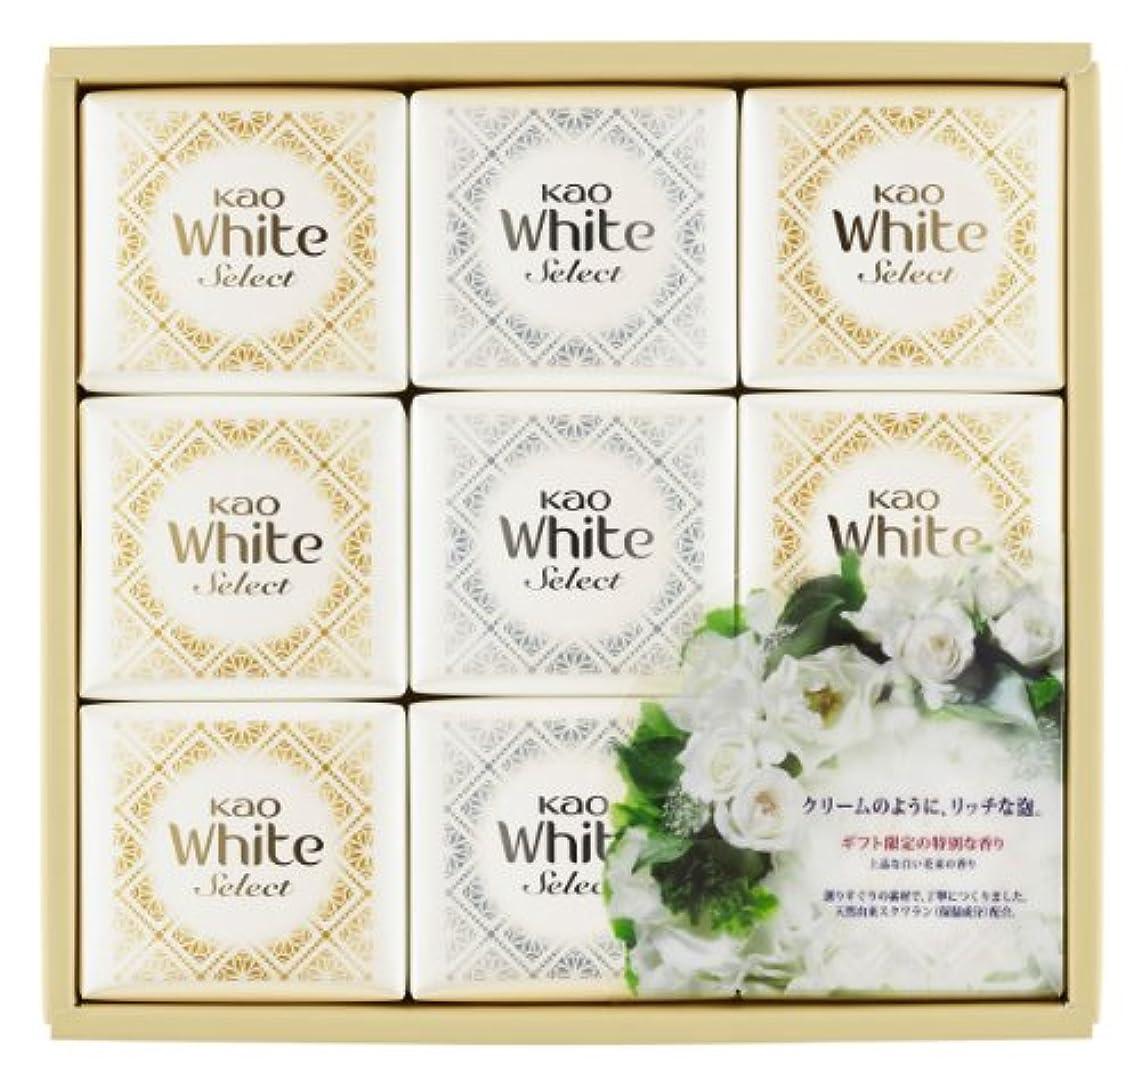 負荷認証ピラミッド花王ホワイト セレクト 上品な白い花束の香り 85g 9コ K?WS-15